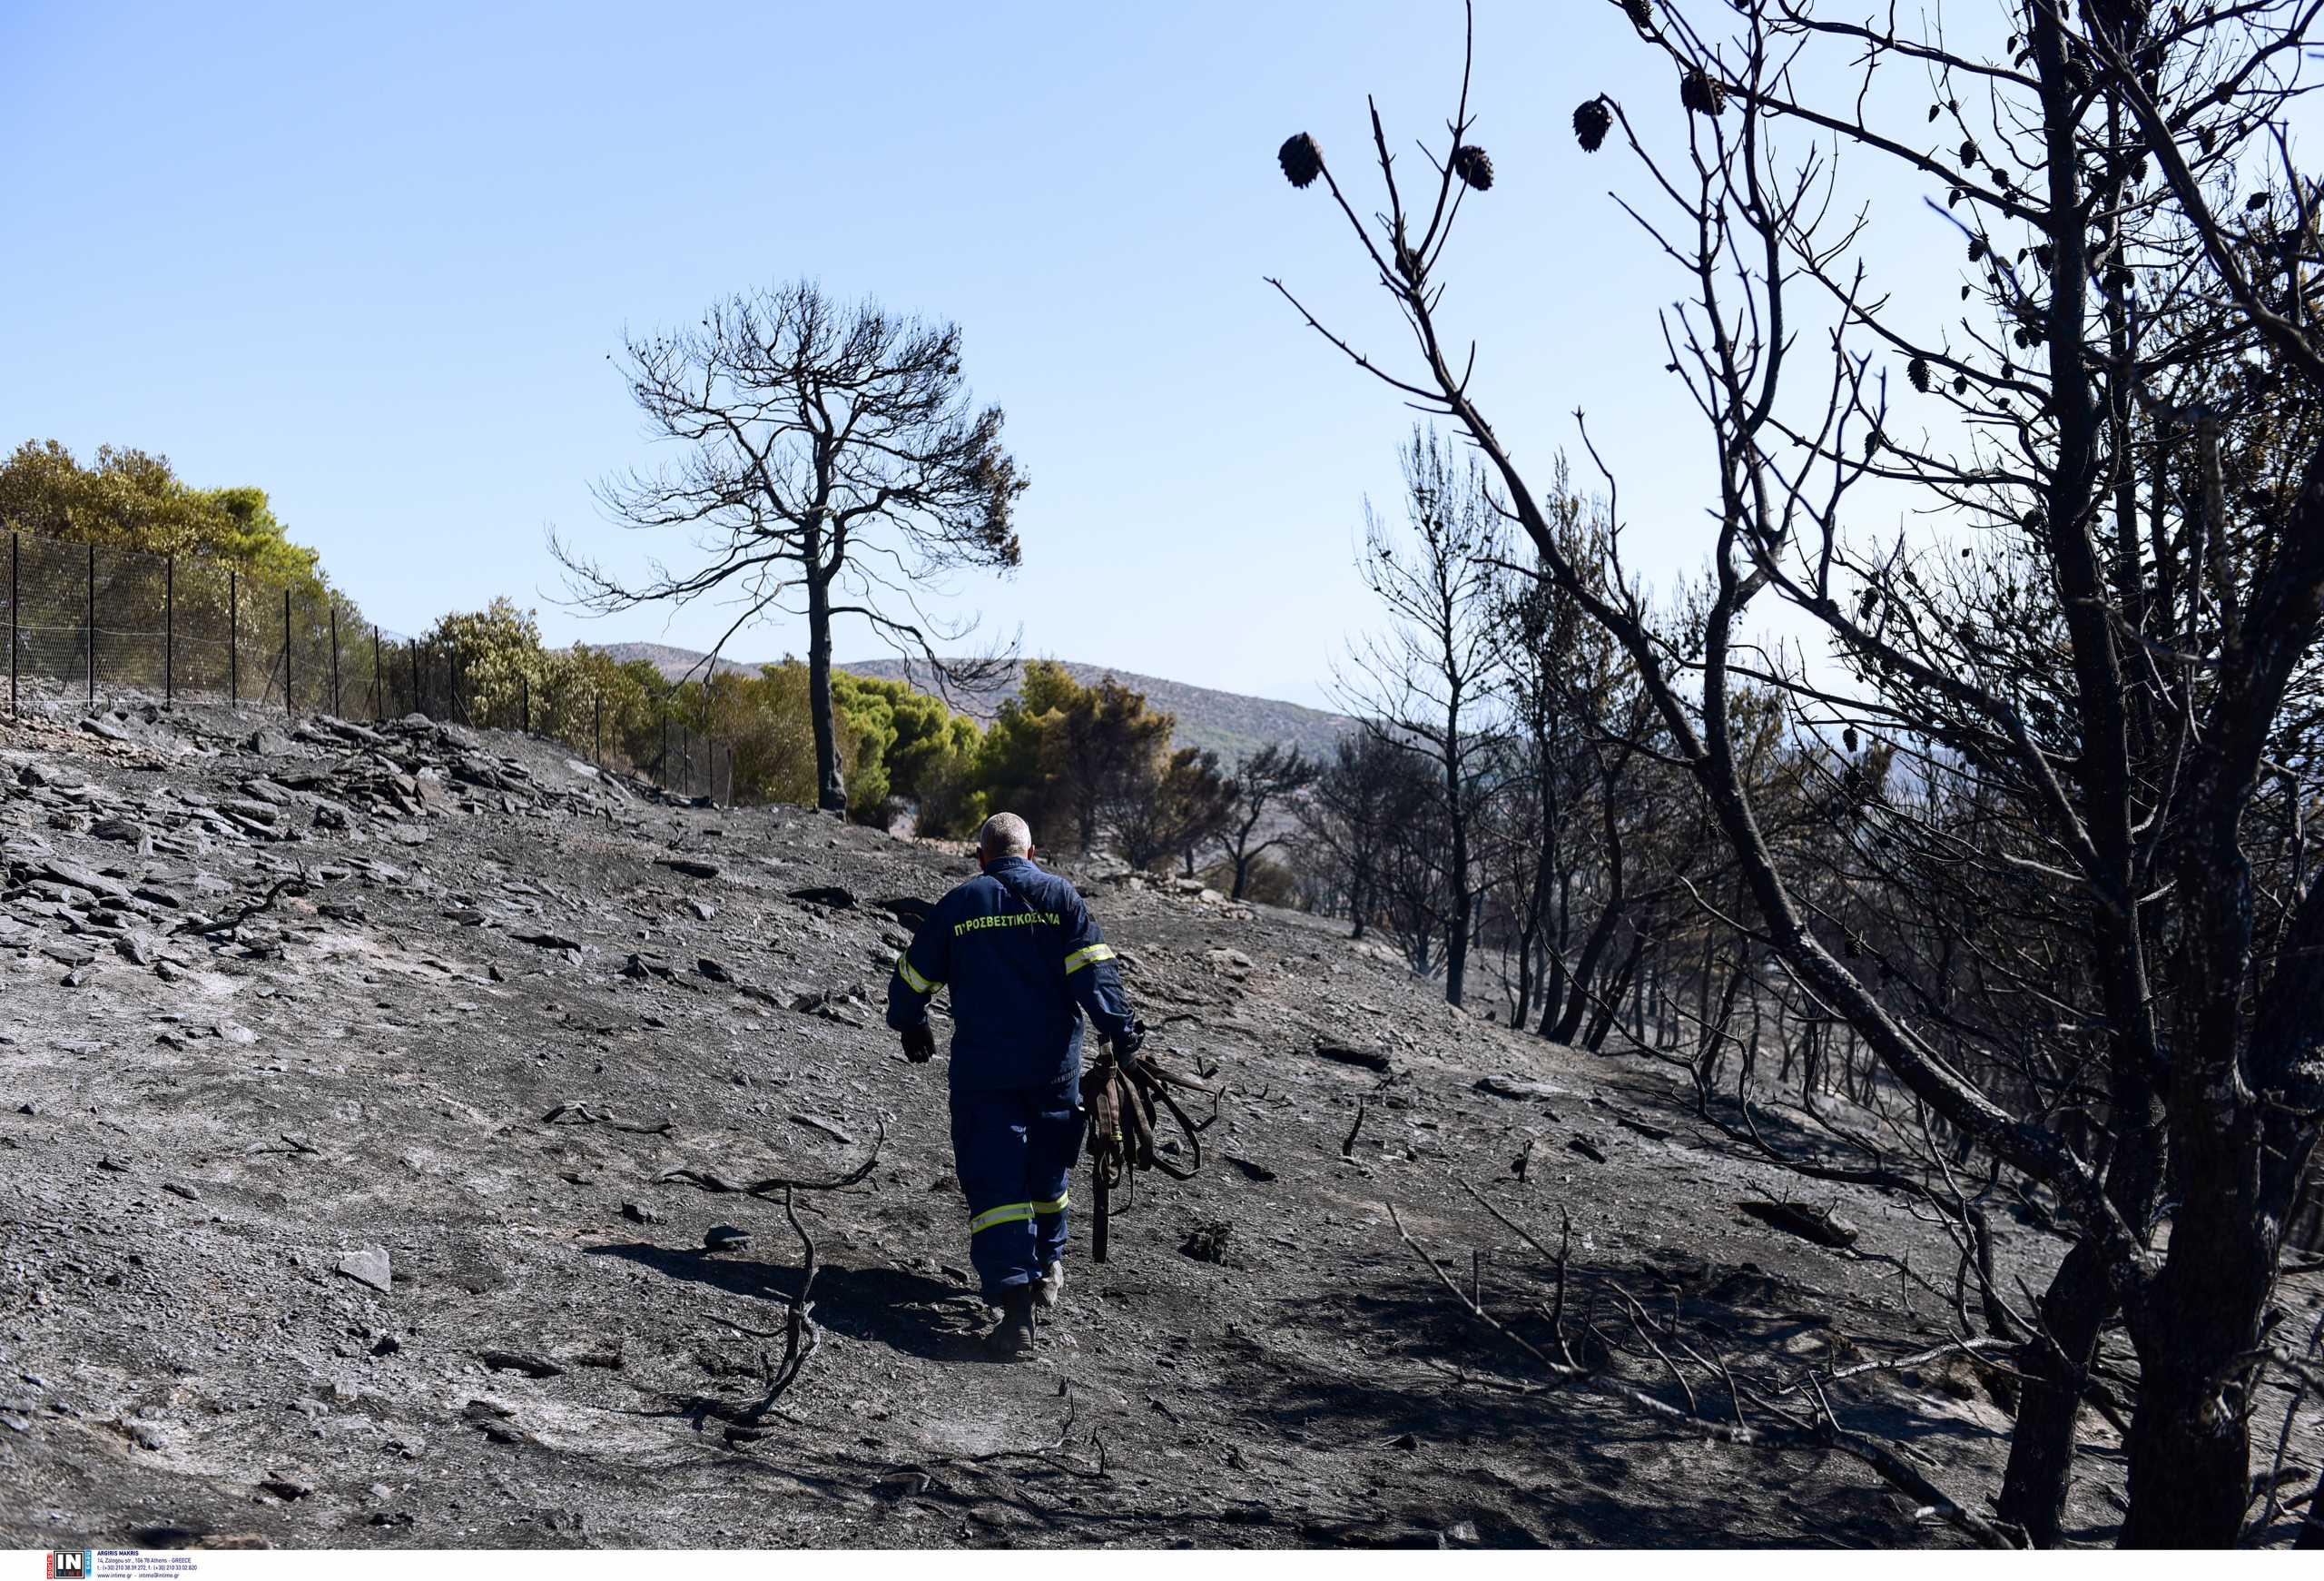 Βόρεια Εύβοια: Η ΔΕΗ θα συνεισφέρει στην αποκατάσταση και στην αναδάσωση στις πυρόπληκτες περιοχές